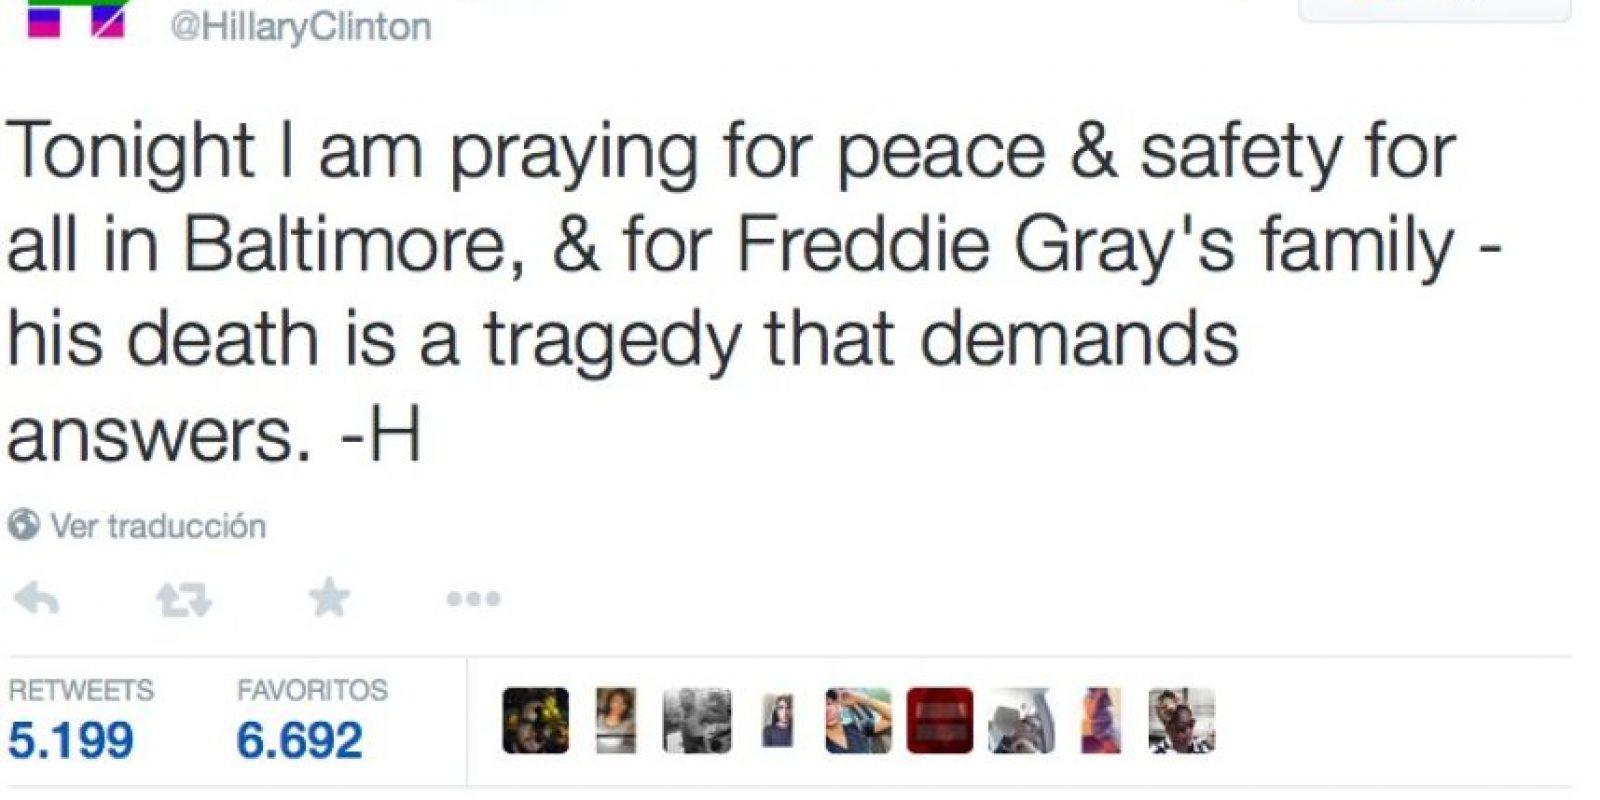 """""""Esta noche estoy rezando por la paz y la seguridad de todos en Baltimore y por la familia de Freddie Gray. Su muerte es una tragedia que demanda respuestas"""" Foto:Twitter.com/HillaryClinton"""